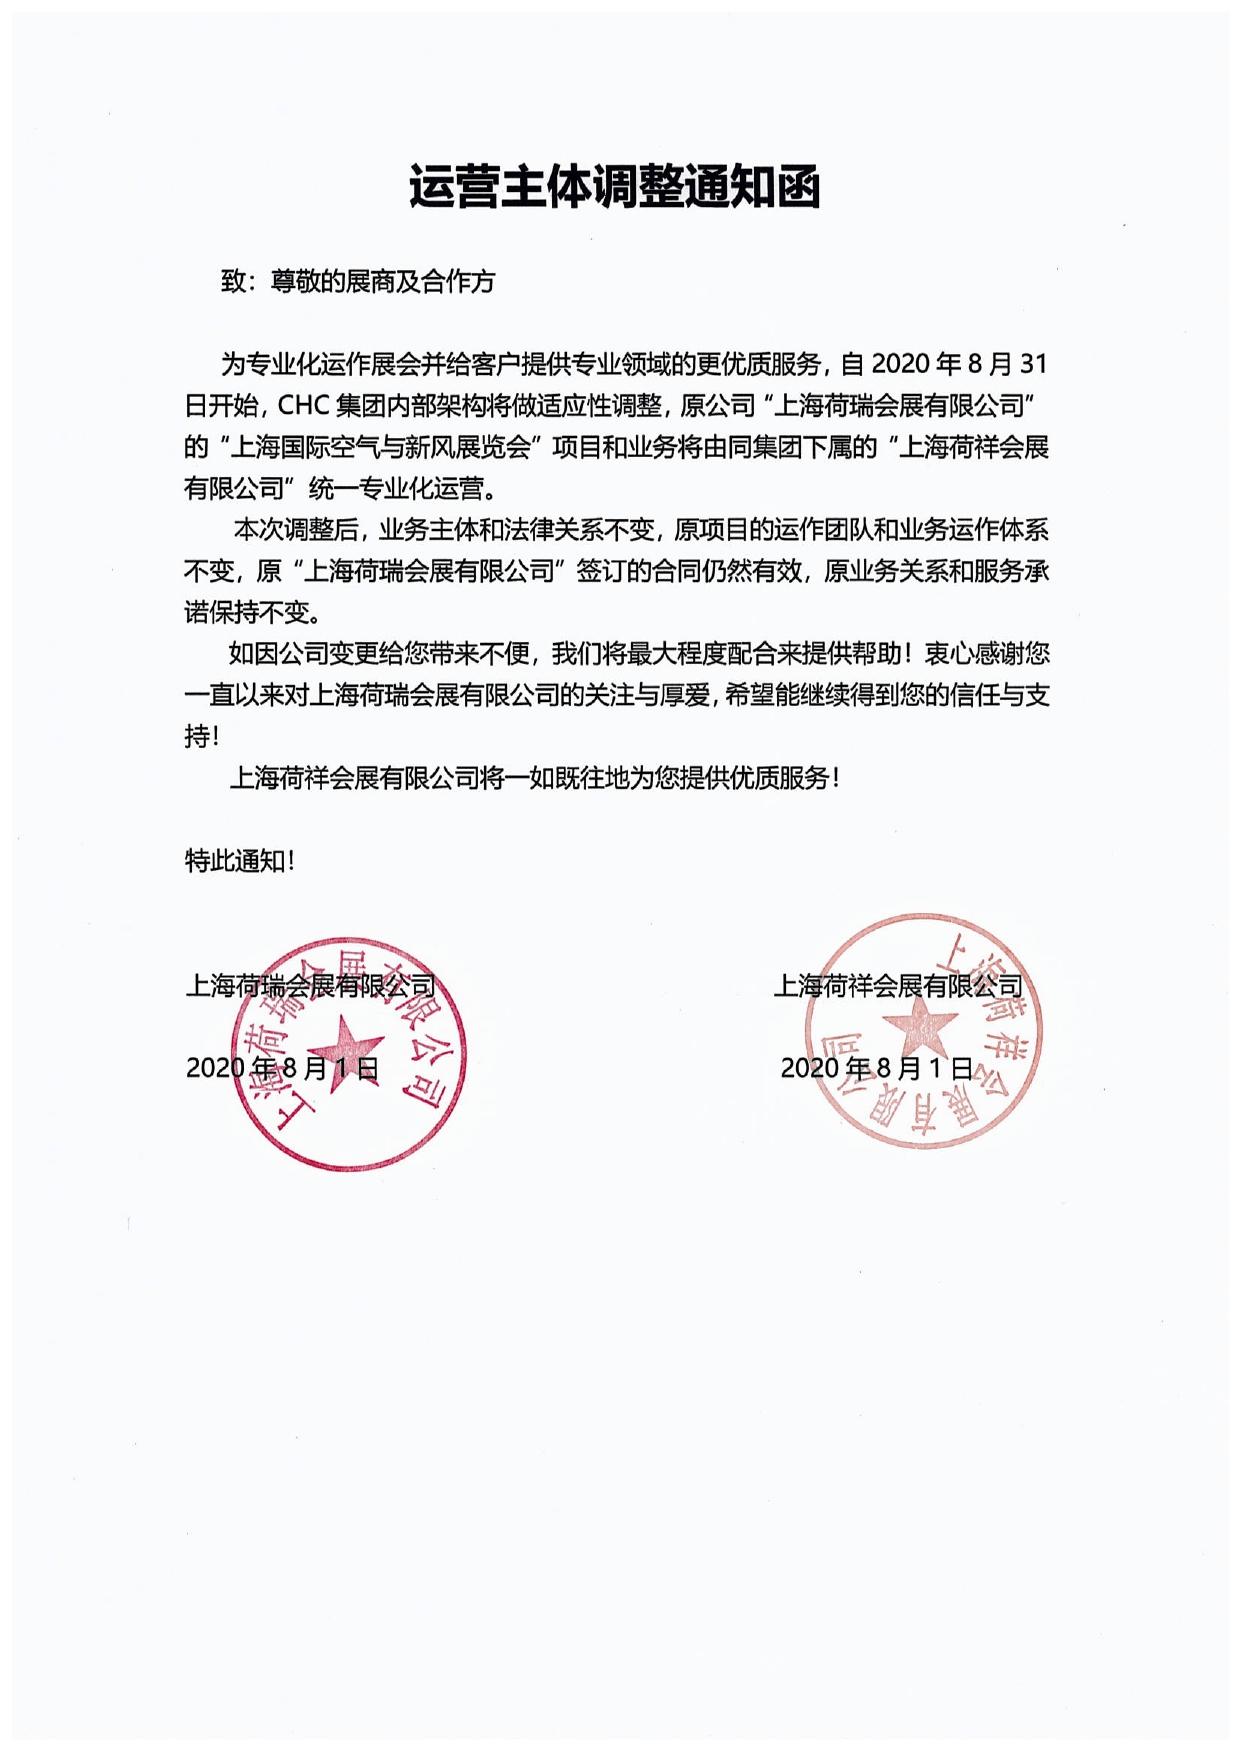 运营主体调整通知函-上海空气新风展 AIRVENTEC CHINA 2021.6.2-4 新风系统 通风设备 空气净化